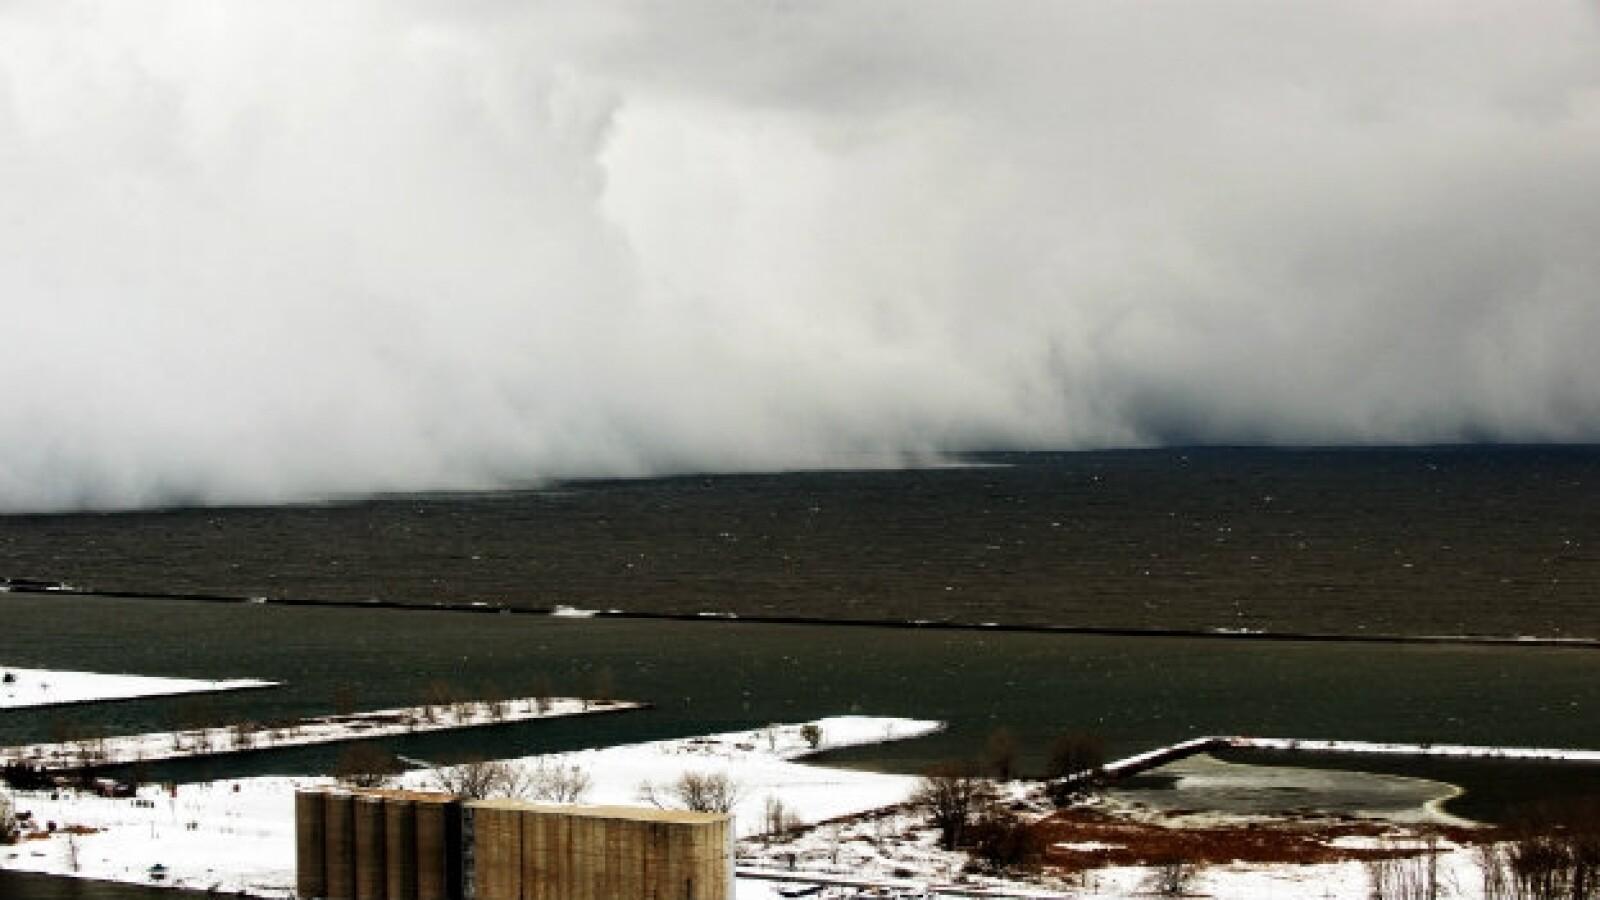 Un efecto de tormenta de nieve se produjo en este lago de Lake Erie